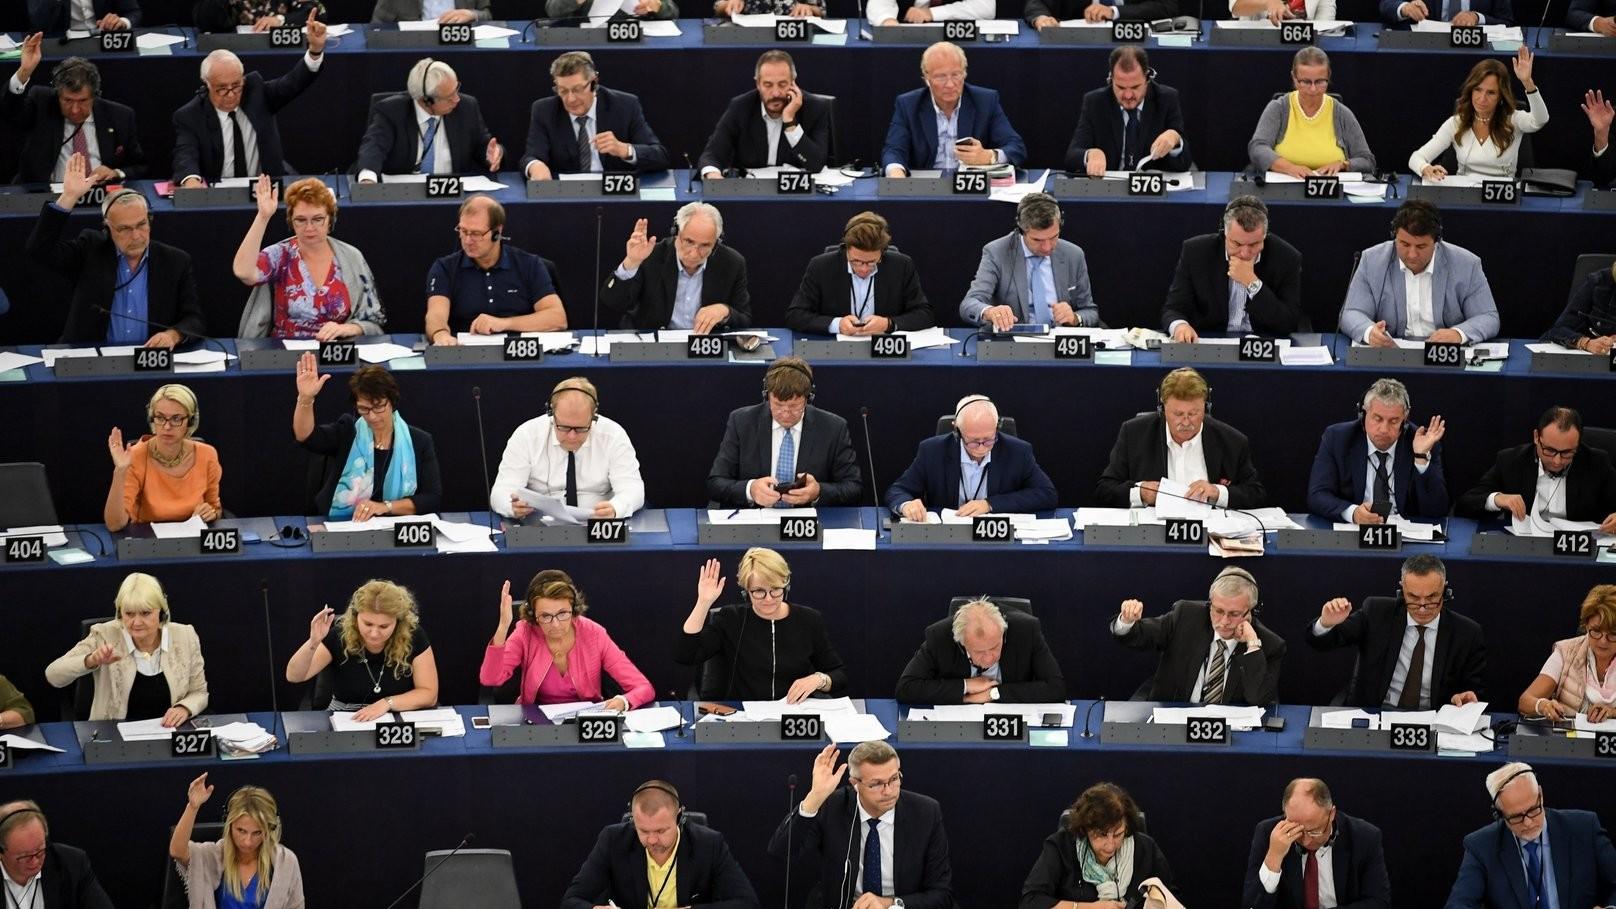 Az Európai Parlament képviselői szavaznak a Sargentini-jelentésről a parlament plenáris ülésén, Strasbourgban 2018. szeptember 12-én – Az Európai Parlament képviselői szavaznak a Sargentini-jelentésről a parlament plenáris ülésén, Strasbourgban 2018. szeptember 12-én. A képviselők a magyar jogállamisági helyzetről szóló különjelentést 448 igen szavazattal, 197 ellenében, 48 tartózkodás mellett fogadták el (Fotó: MTI/EPA/Patrick Seeger)